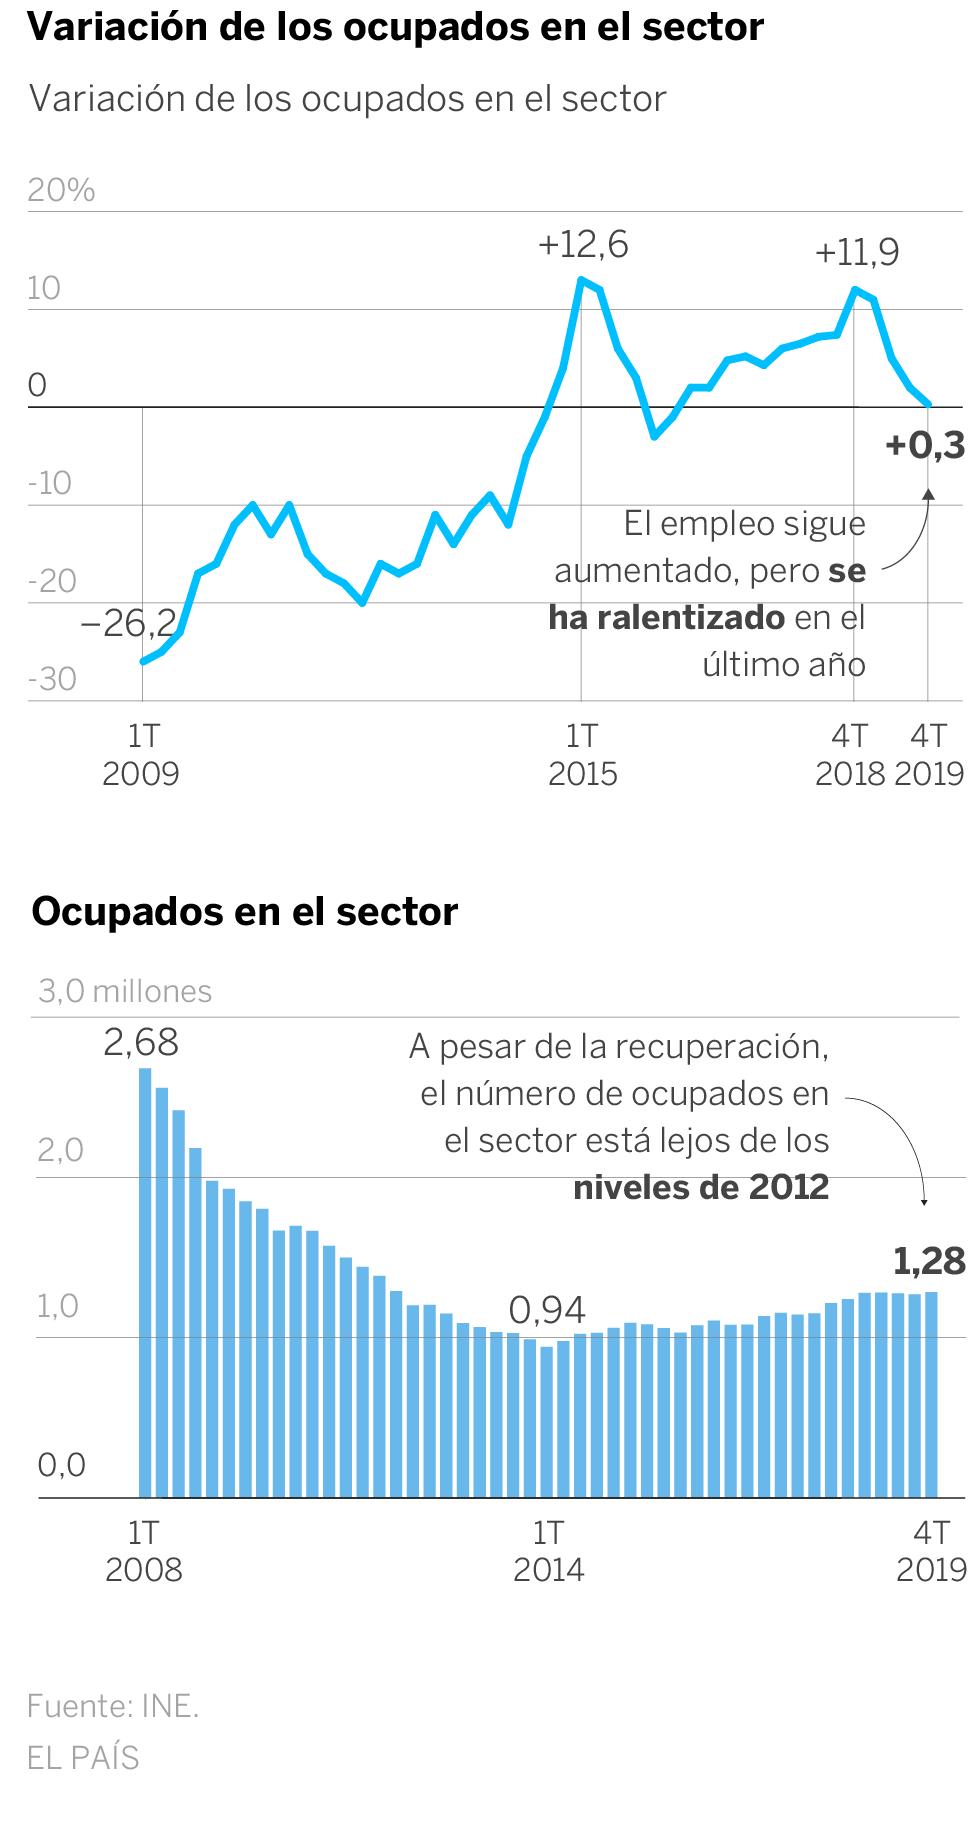 La construcción entra en recesión tras dos trimestres de caída en el PIB de 2019